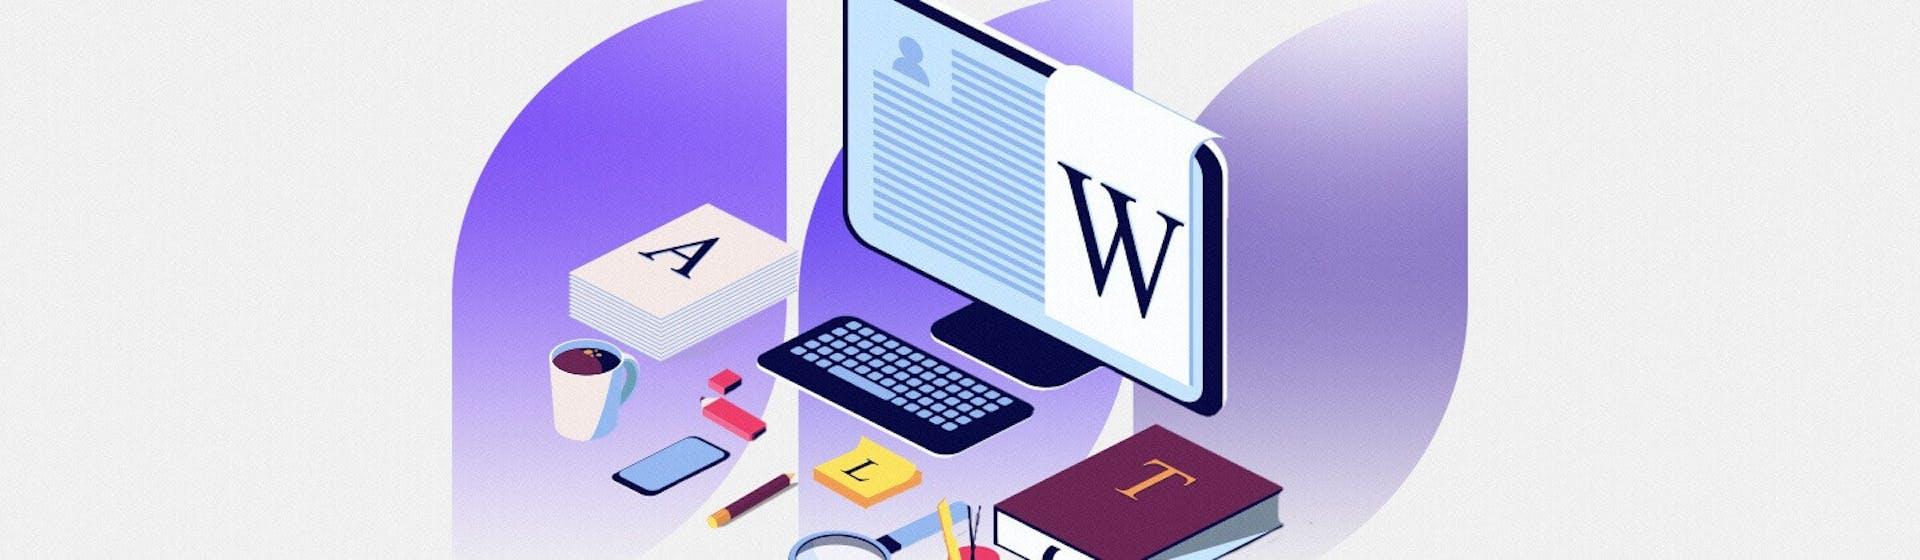 Características de un blog ¡El checklist a seguir para un proyecto exitoso!